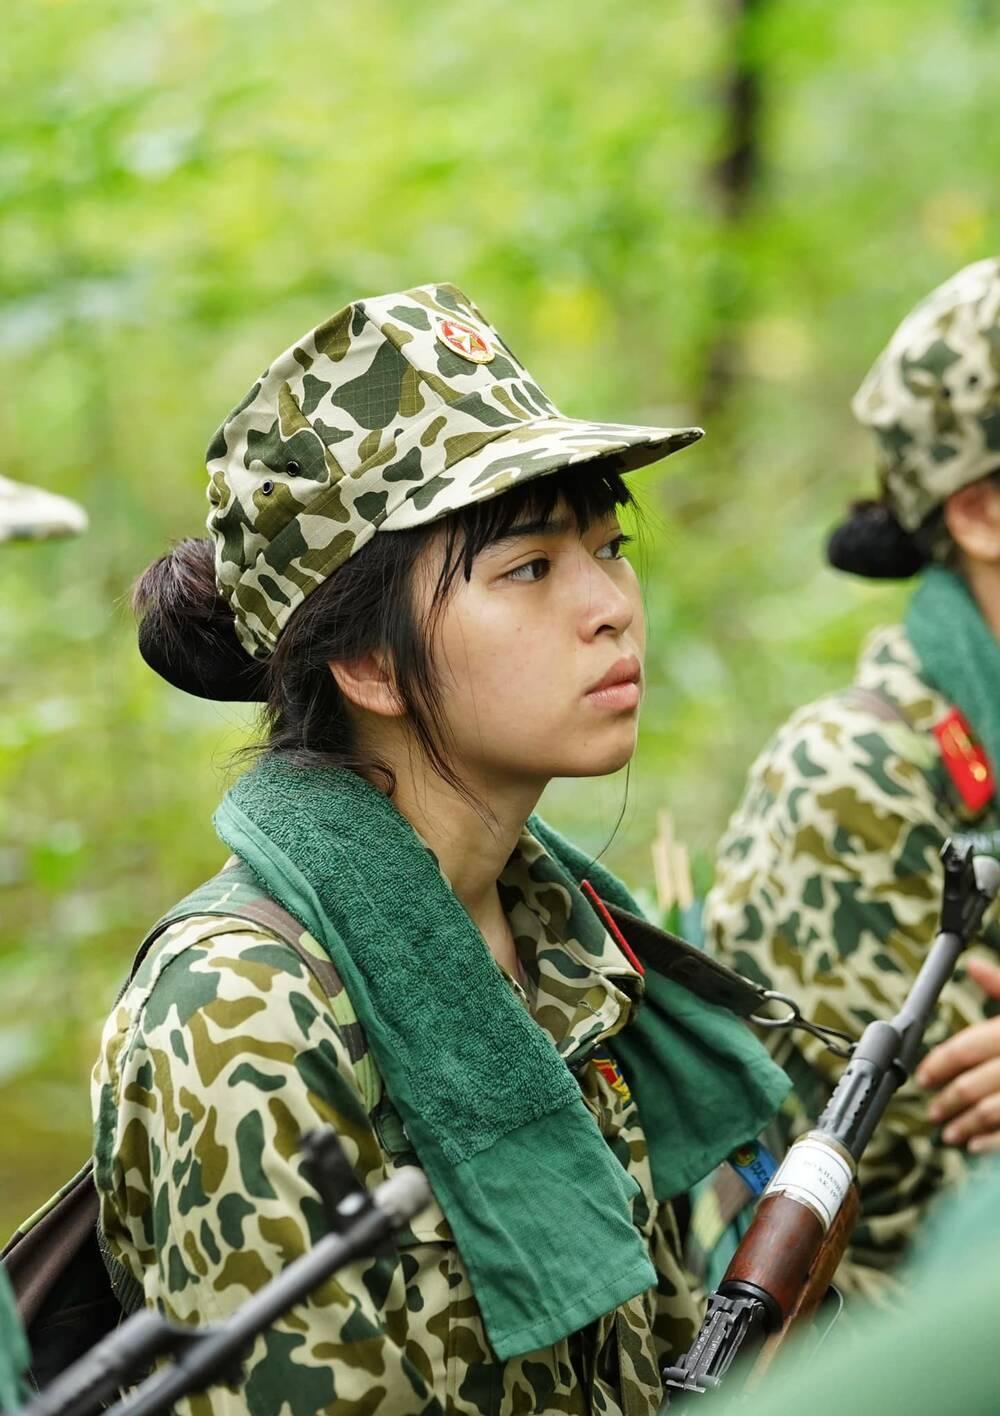 Hậu Sao Nhập Ngũ, Khánh Vân 'mất' nhiều hơn 'được'? Ảnh 6